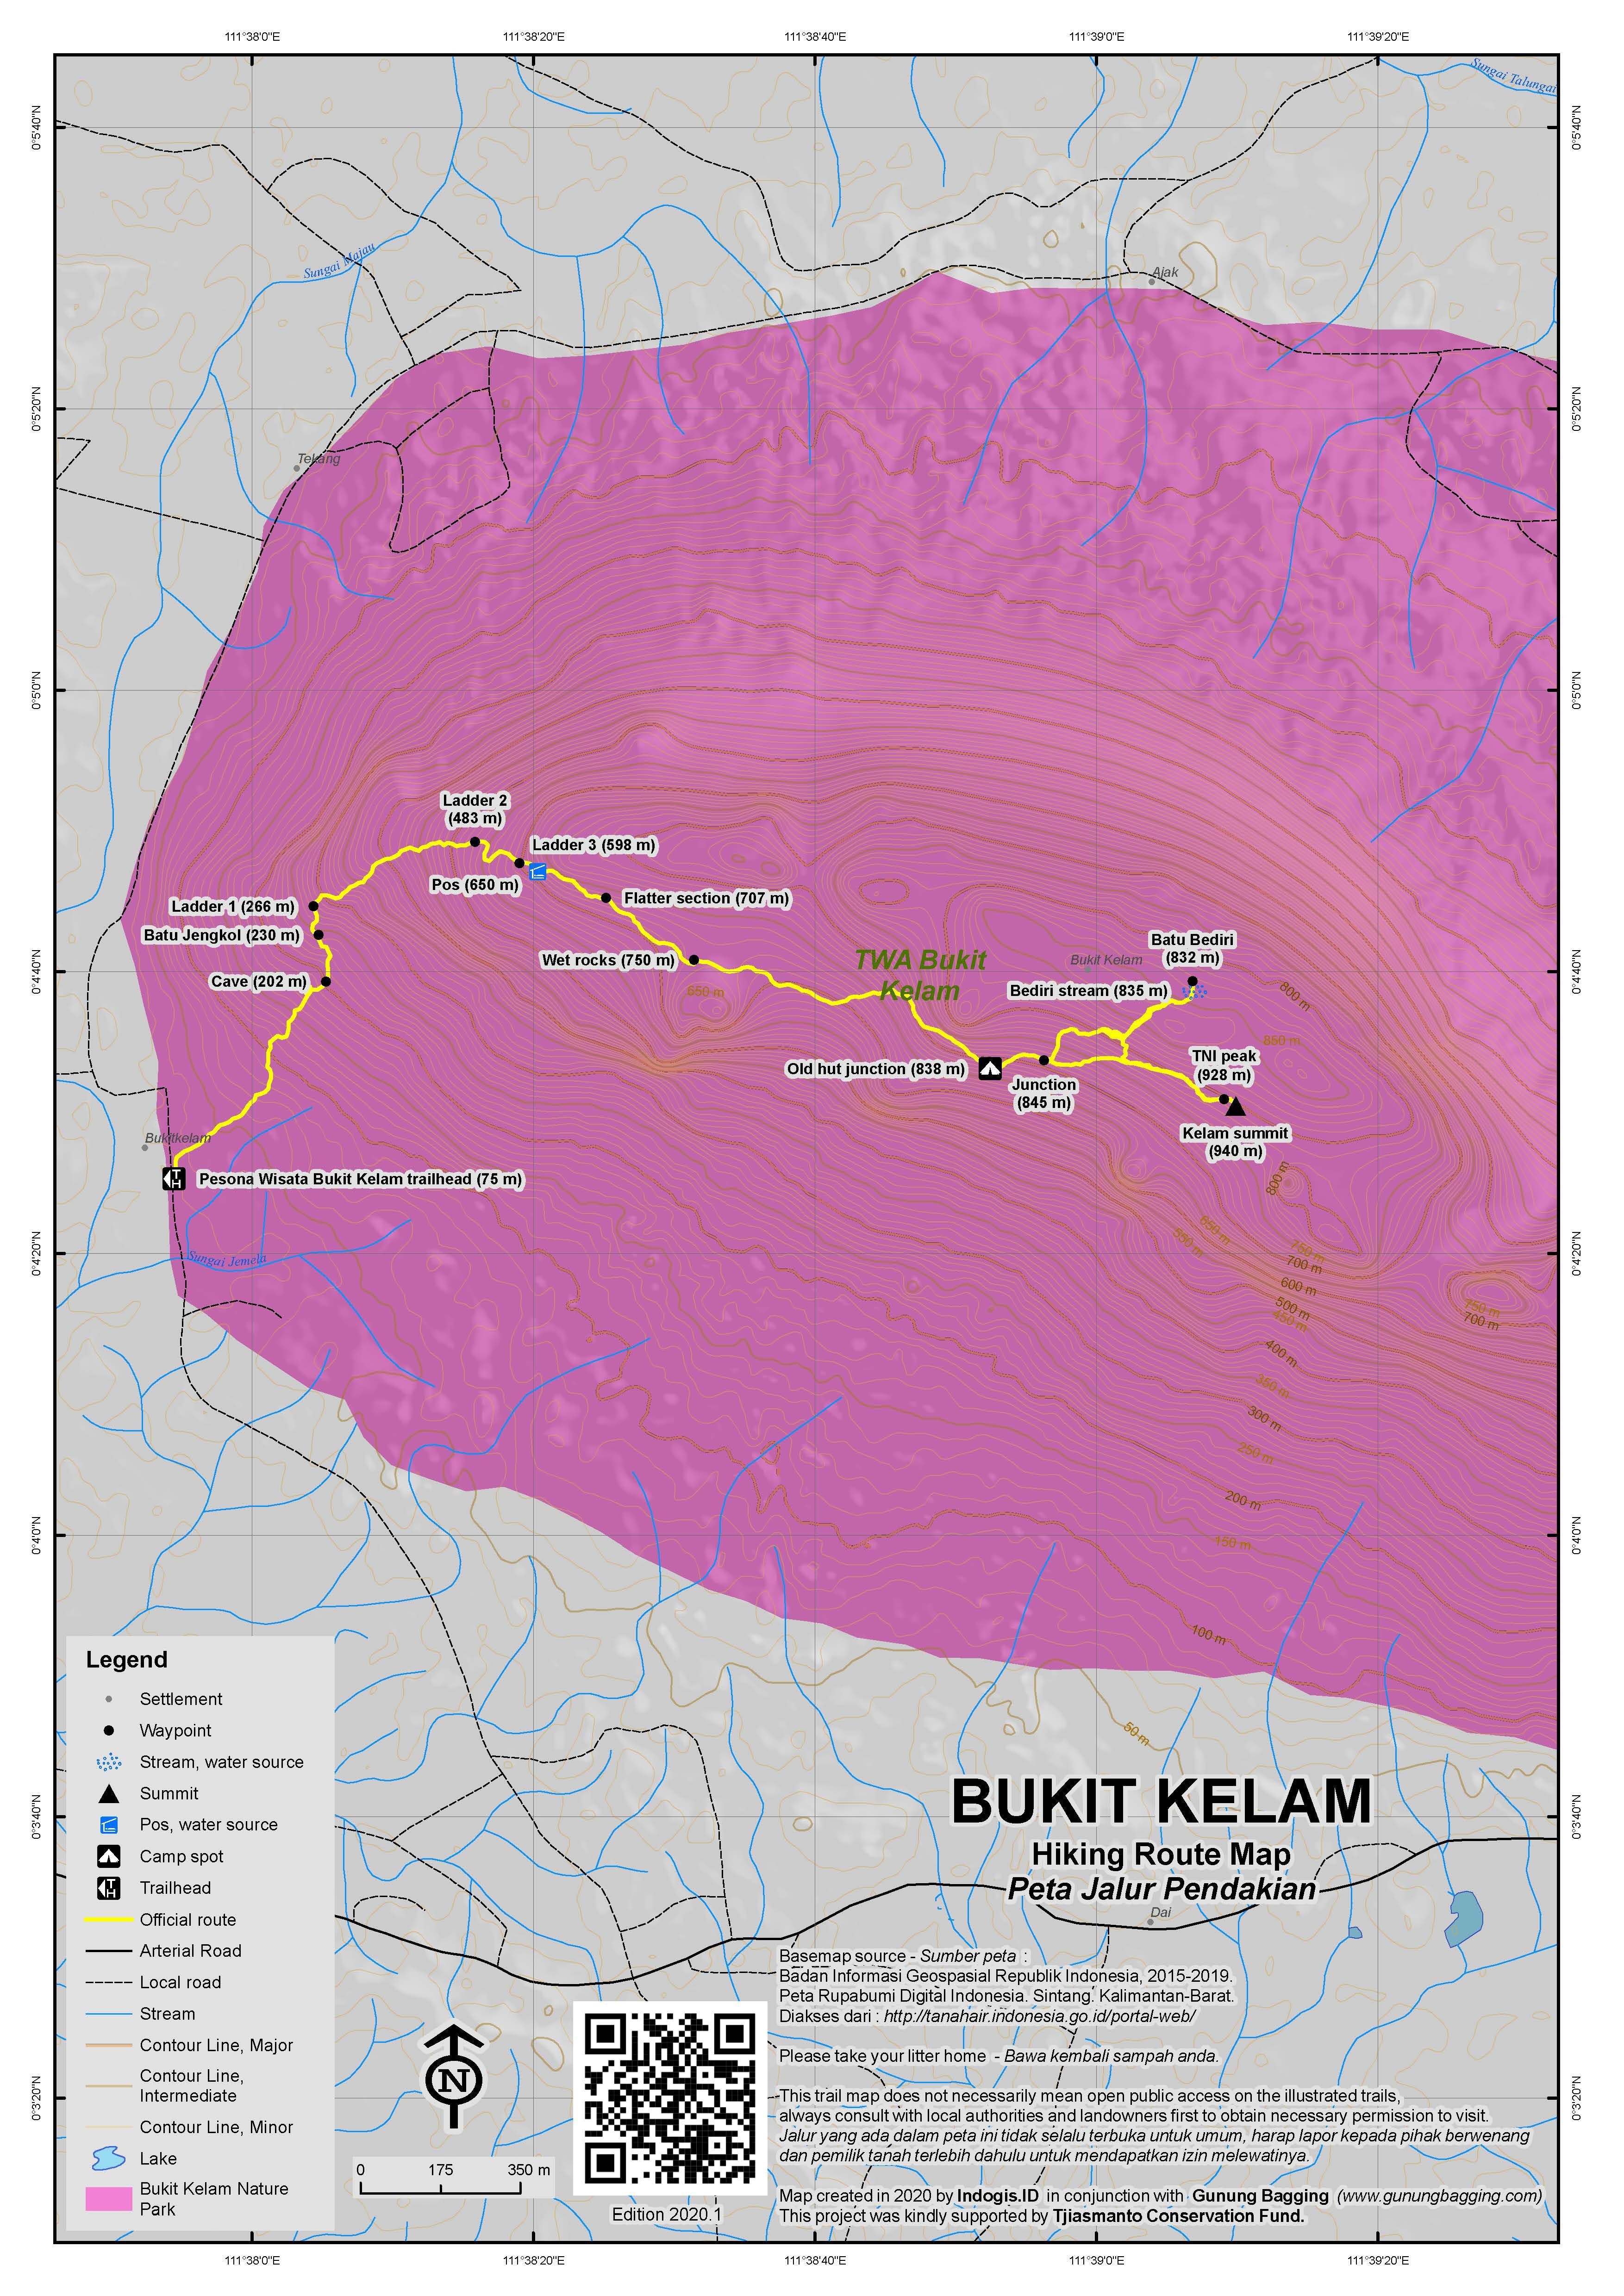 Peta Jalur Pendakian Bukit Kelam